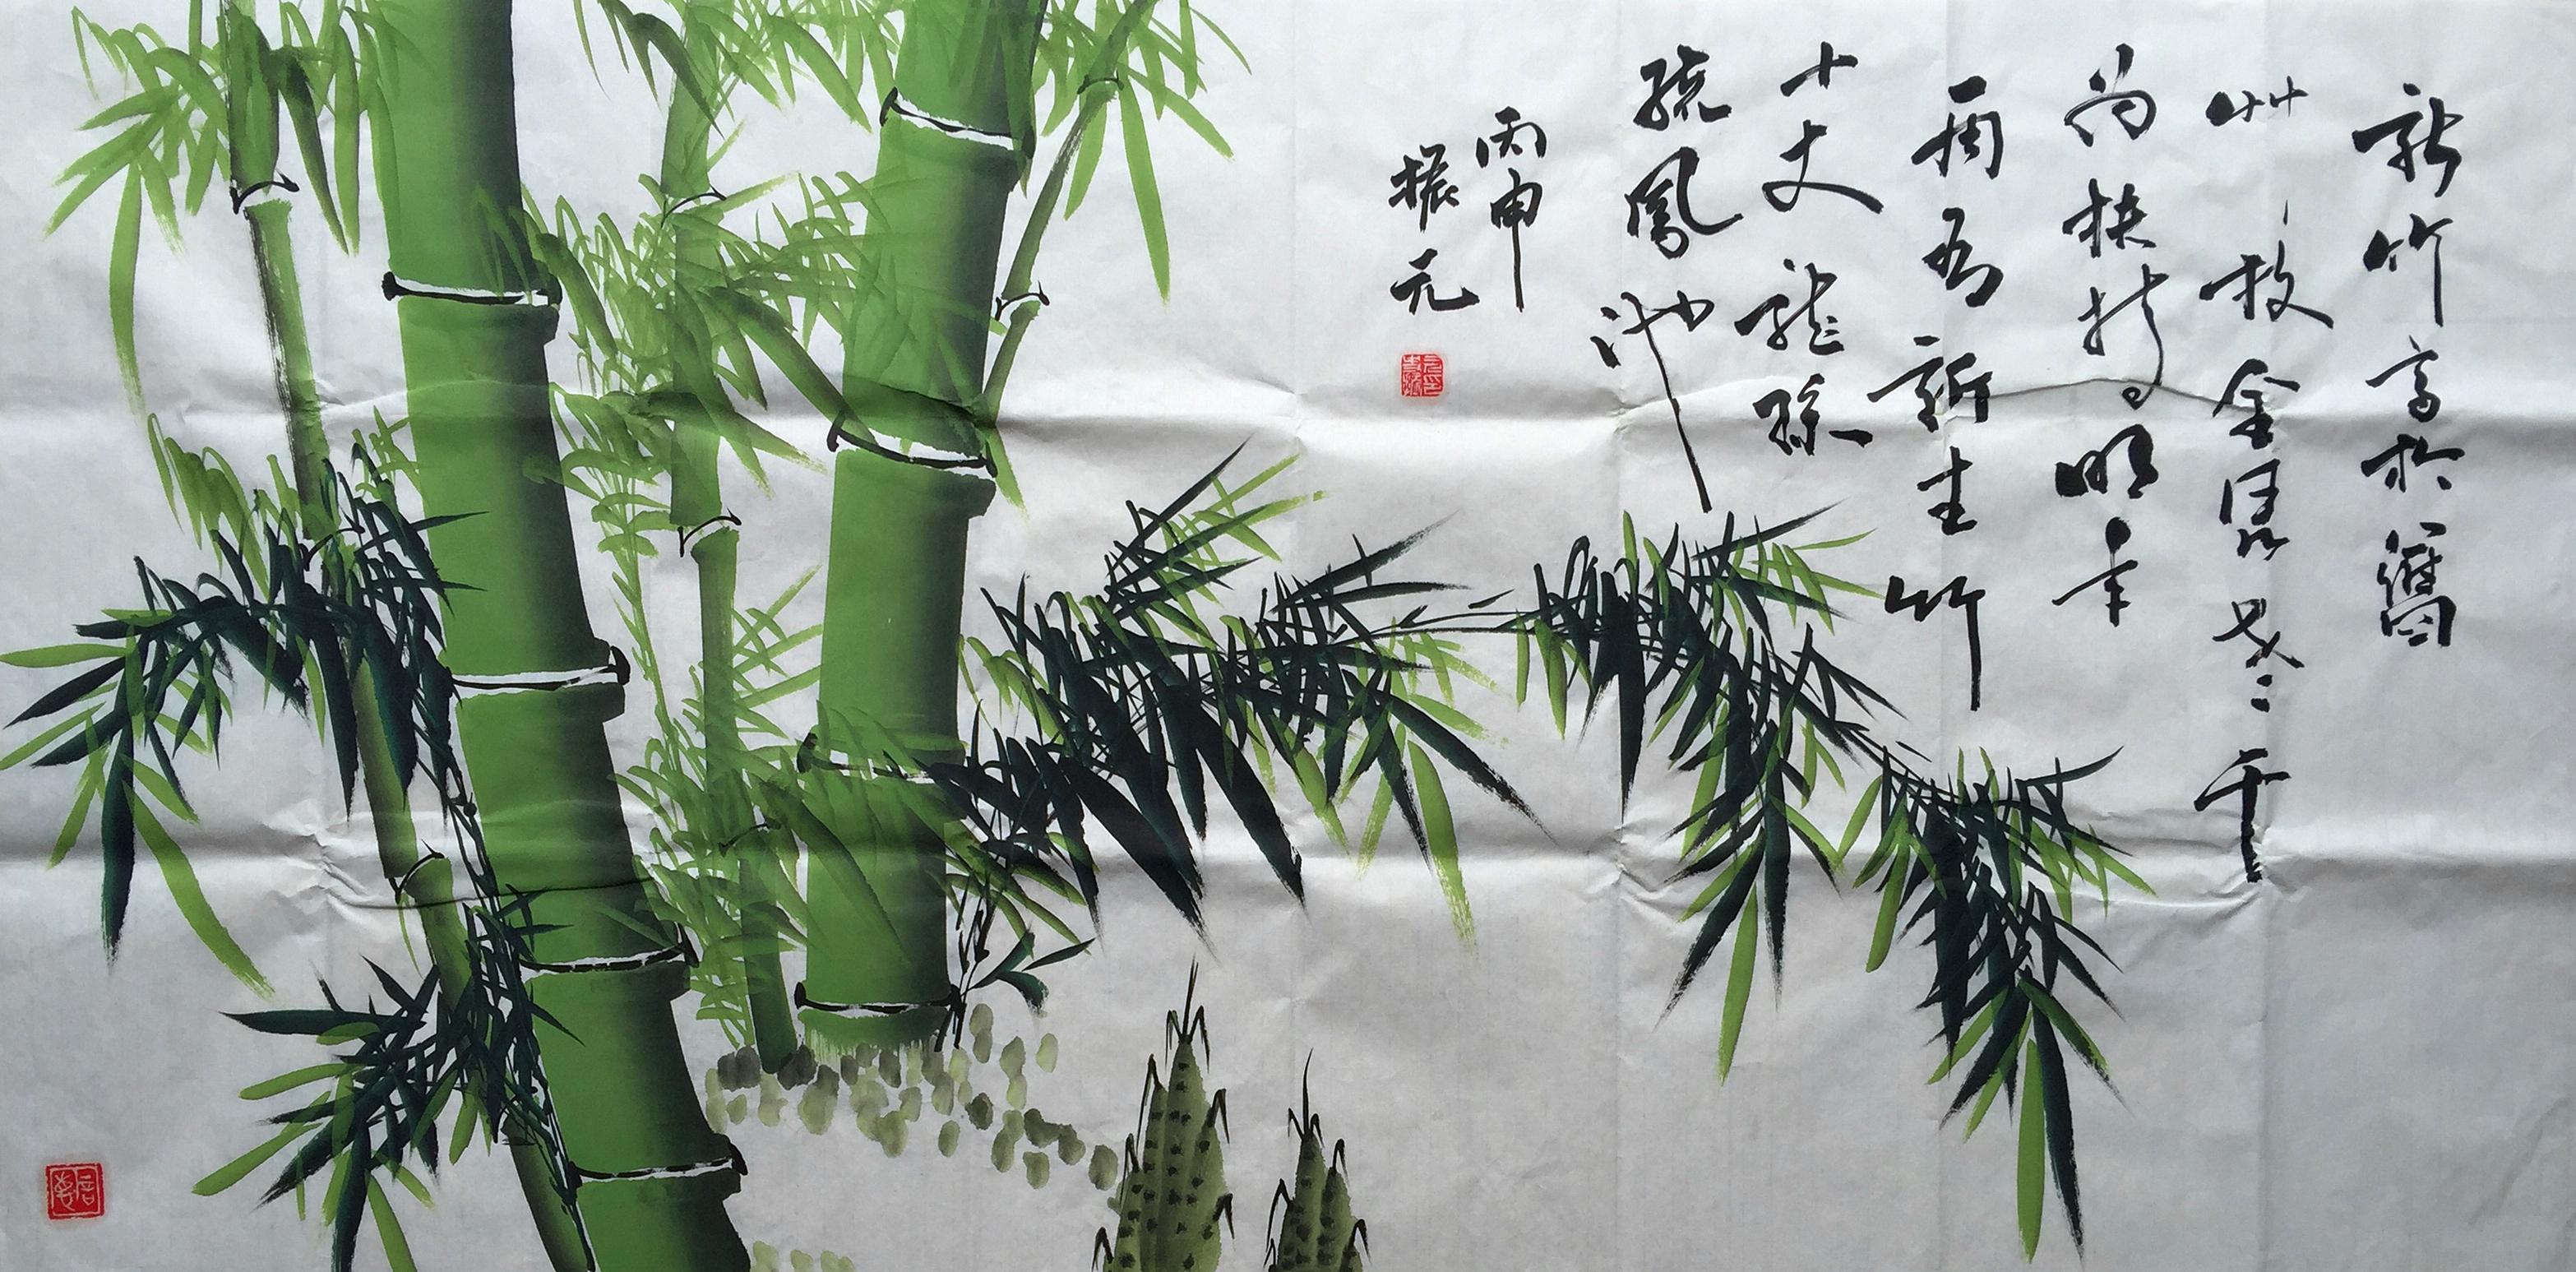 国画竹子图分享 这才是家中最适合的美景